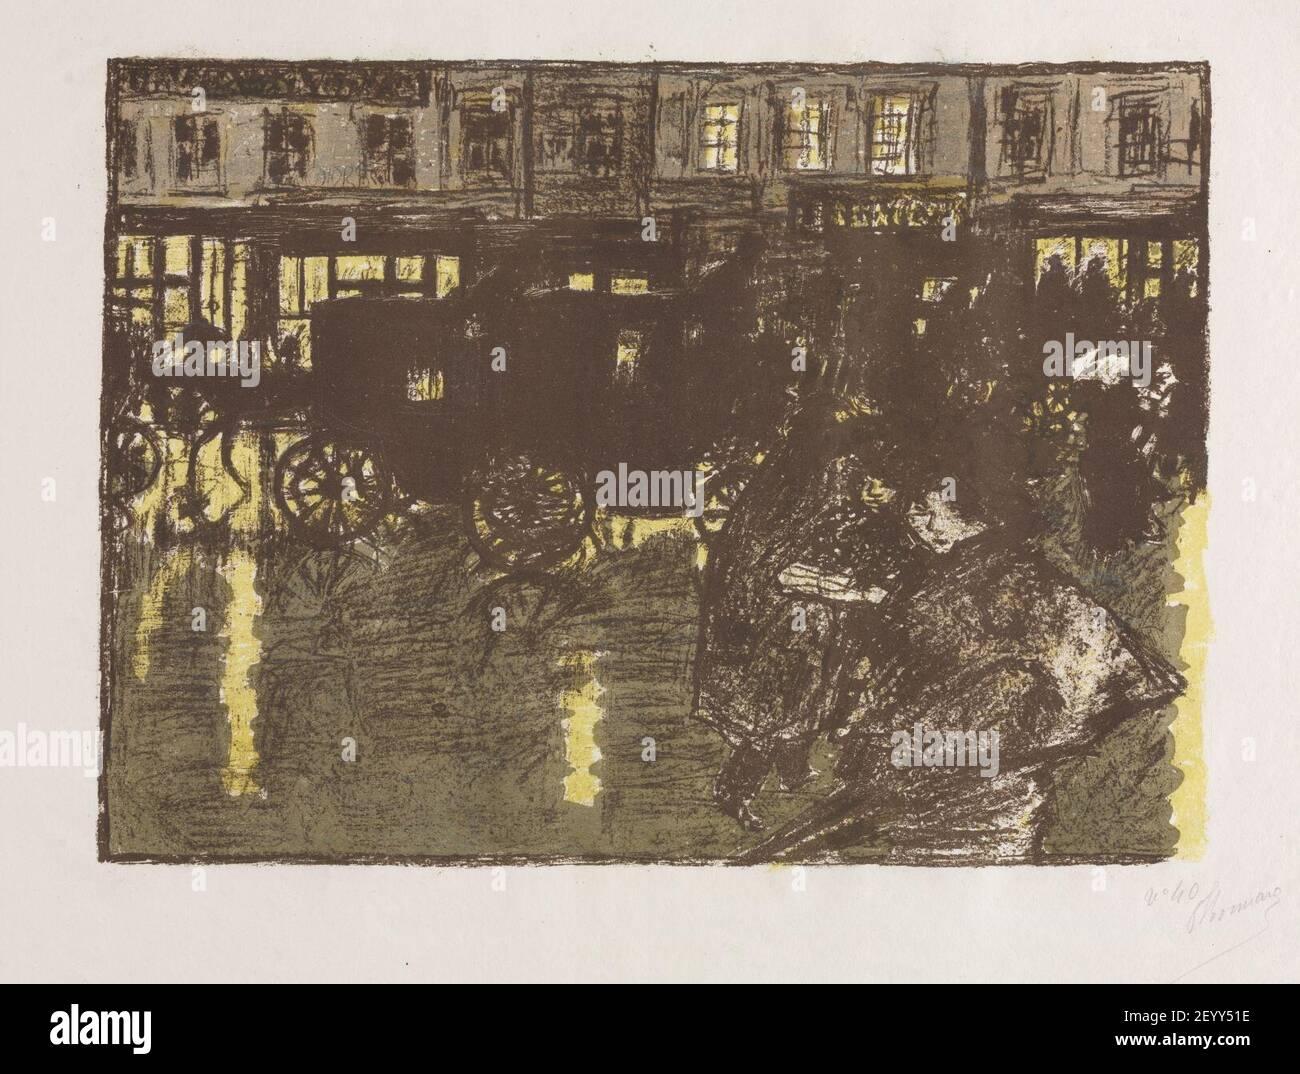 Pierre Bonnard (français, 1867-1947), publié par Ambroise Volard, imprimé par Auguste Clot - quelques aspects de la vie de Paris, rue le soir dans la pluie Banque D'Images